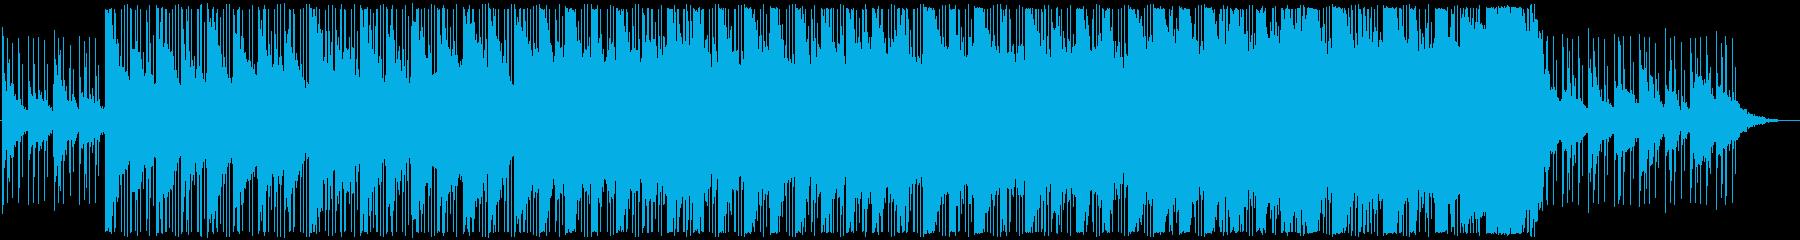 ラウンジ まったり 広い 壮大 フ...の再生済みの波形